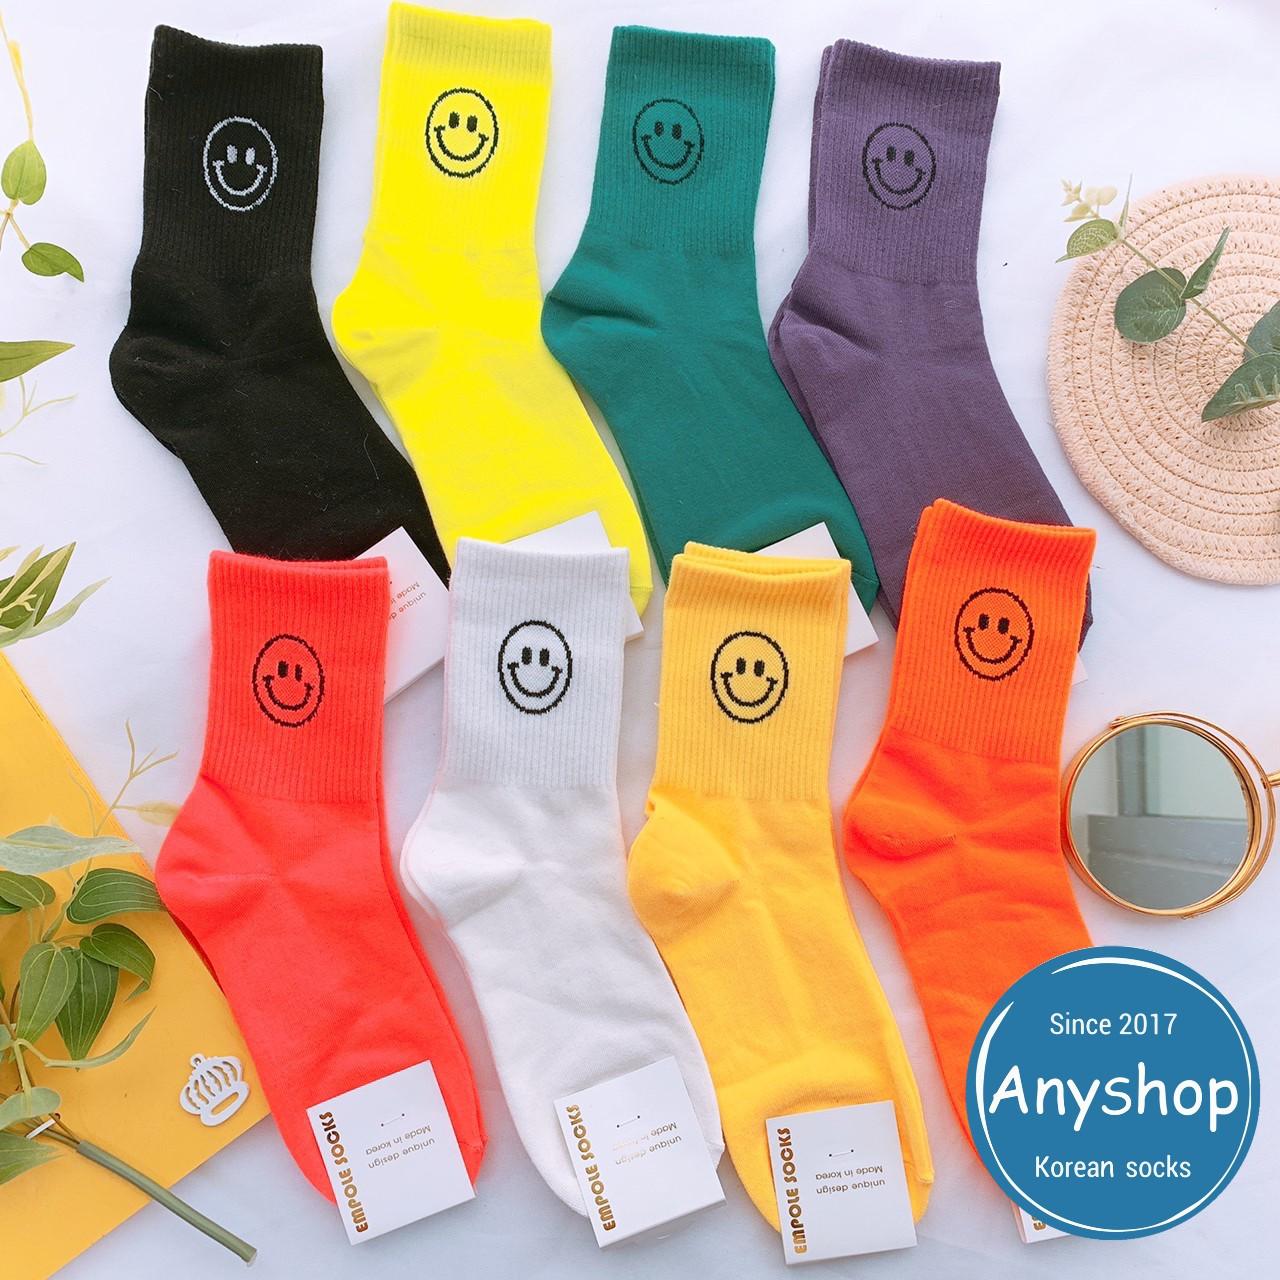 韓國襪-[Anyshop]笑臉螢光長襪